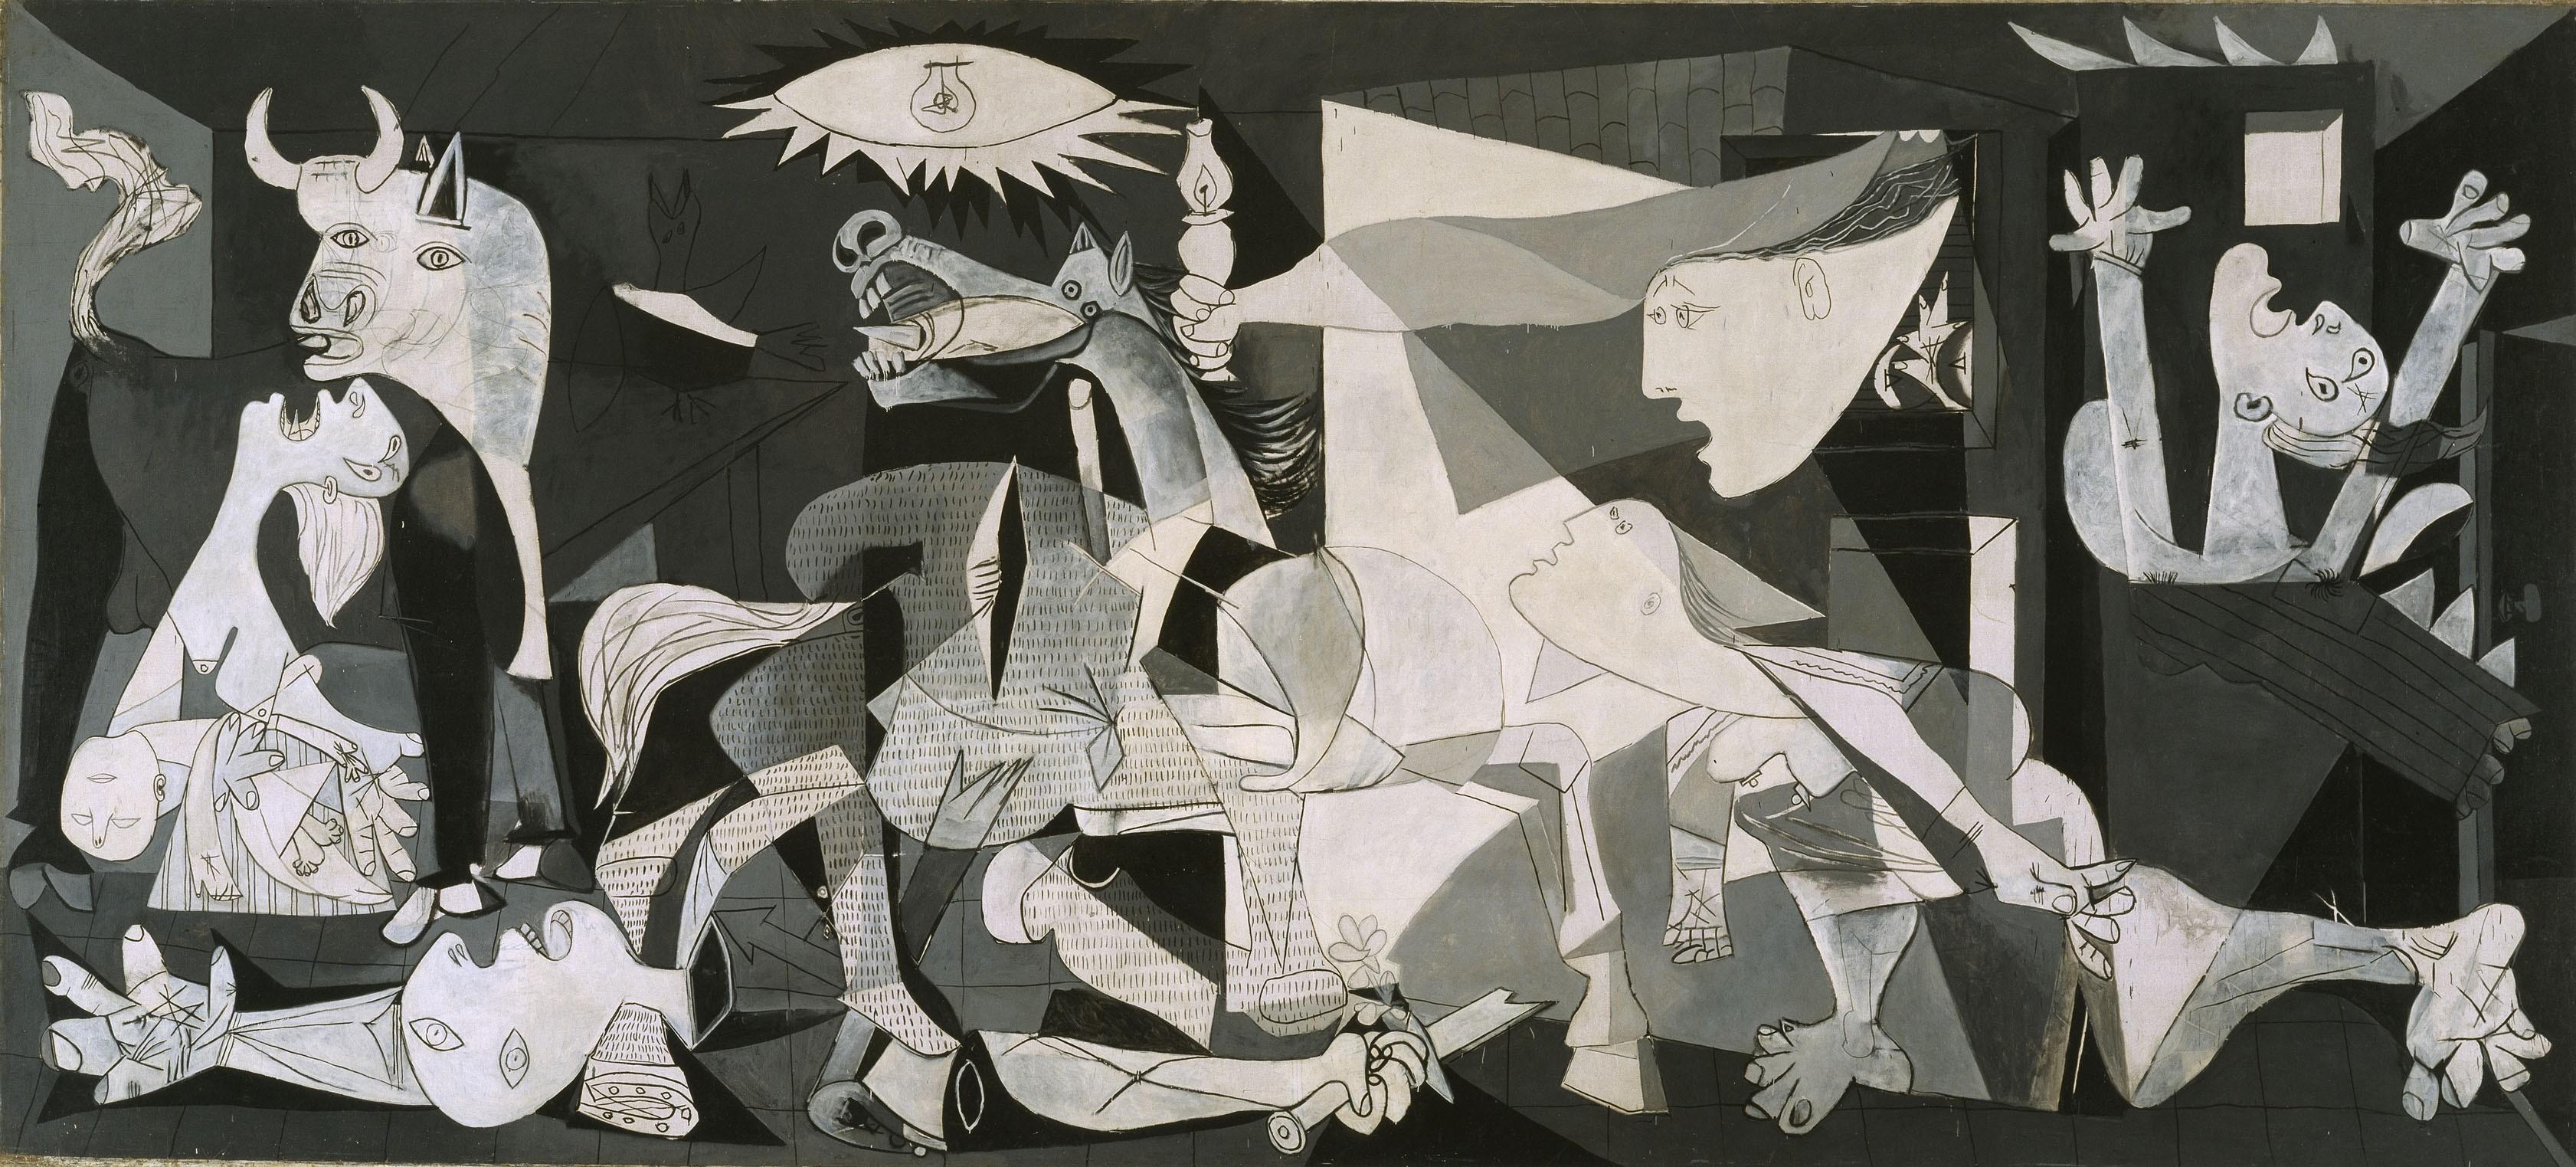 Αρχείο:PicassoGuernica.jpg